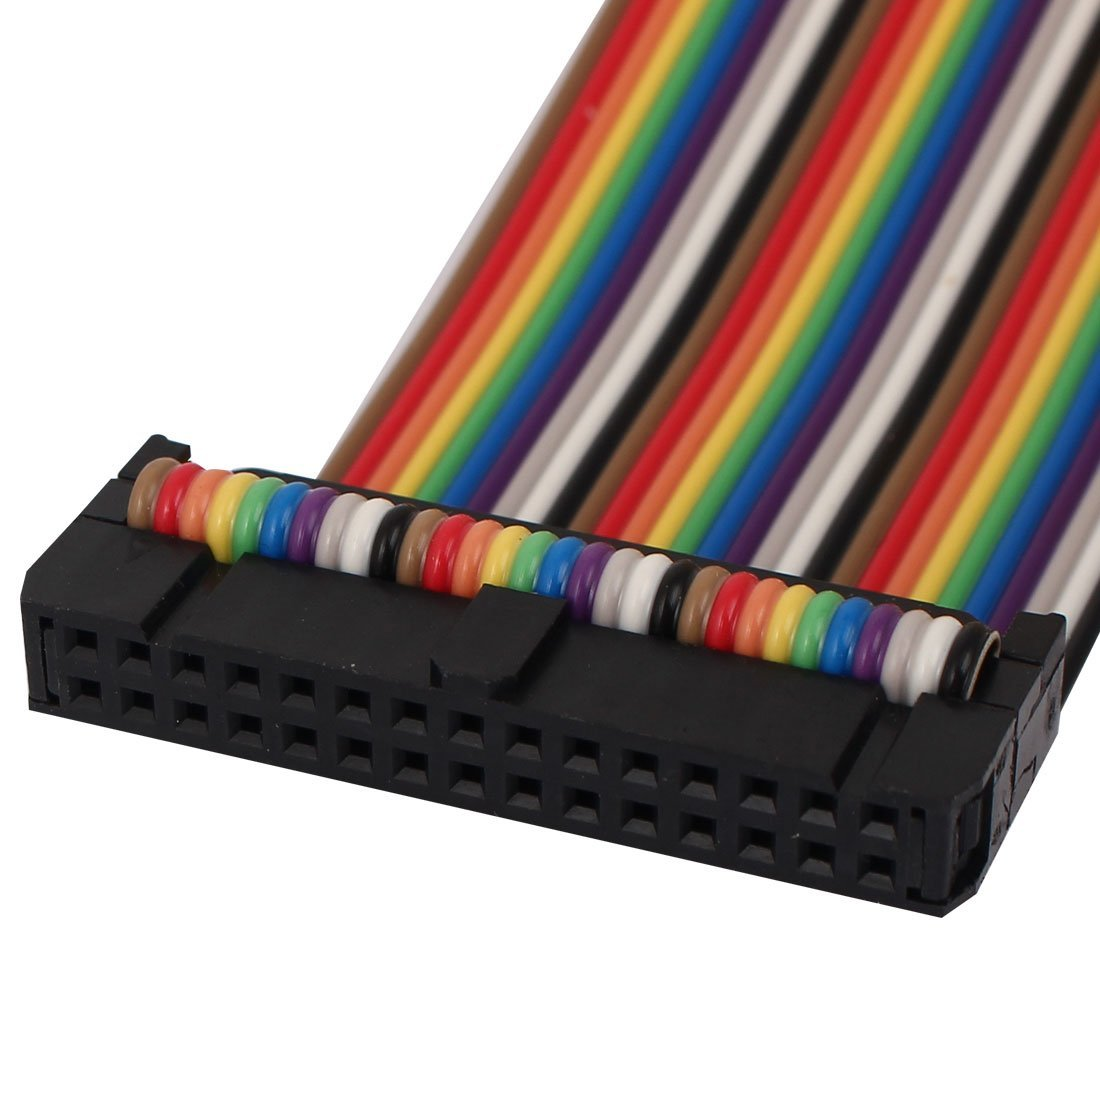 Cable conector IDC eDealMax Plana Color del arco iris de la Cinta, F/M, 50 cm, 30 Pines, 30 Camino de bricolaje, 2 piezas